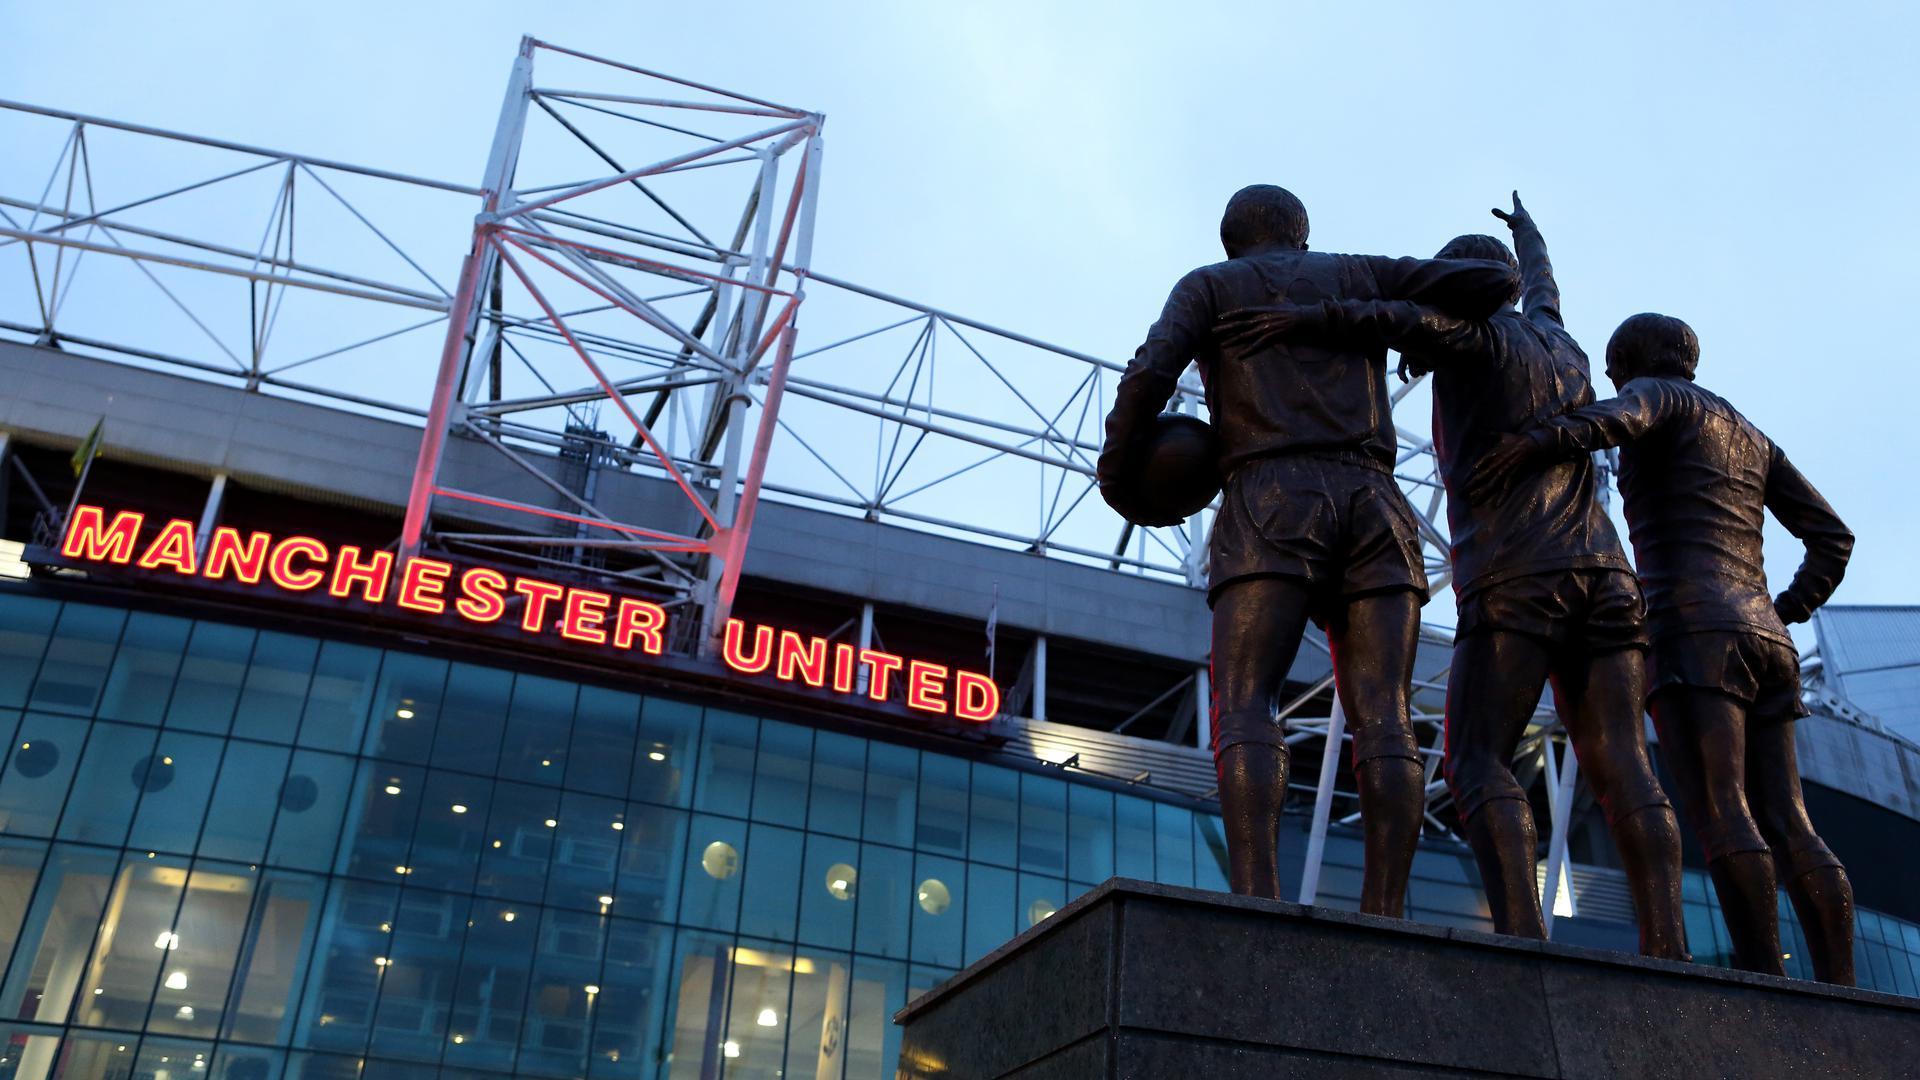 Tolerancia cero ante la discriminación racial   Web oficial del Manchester United